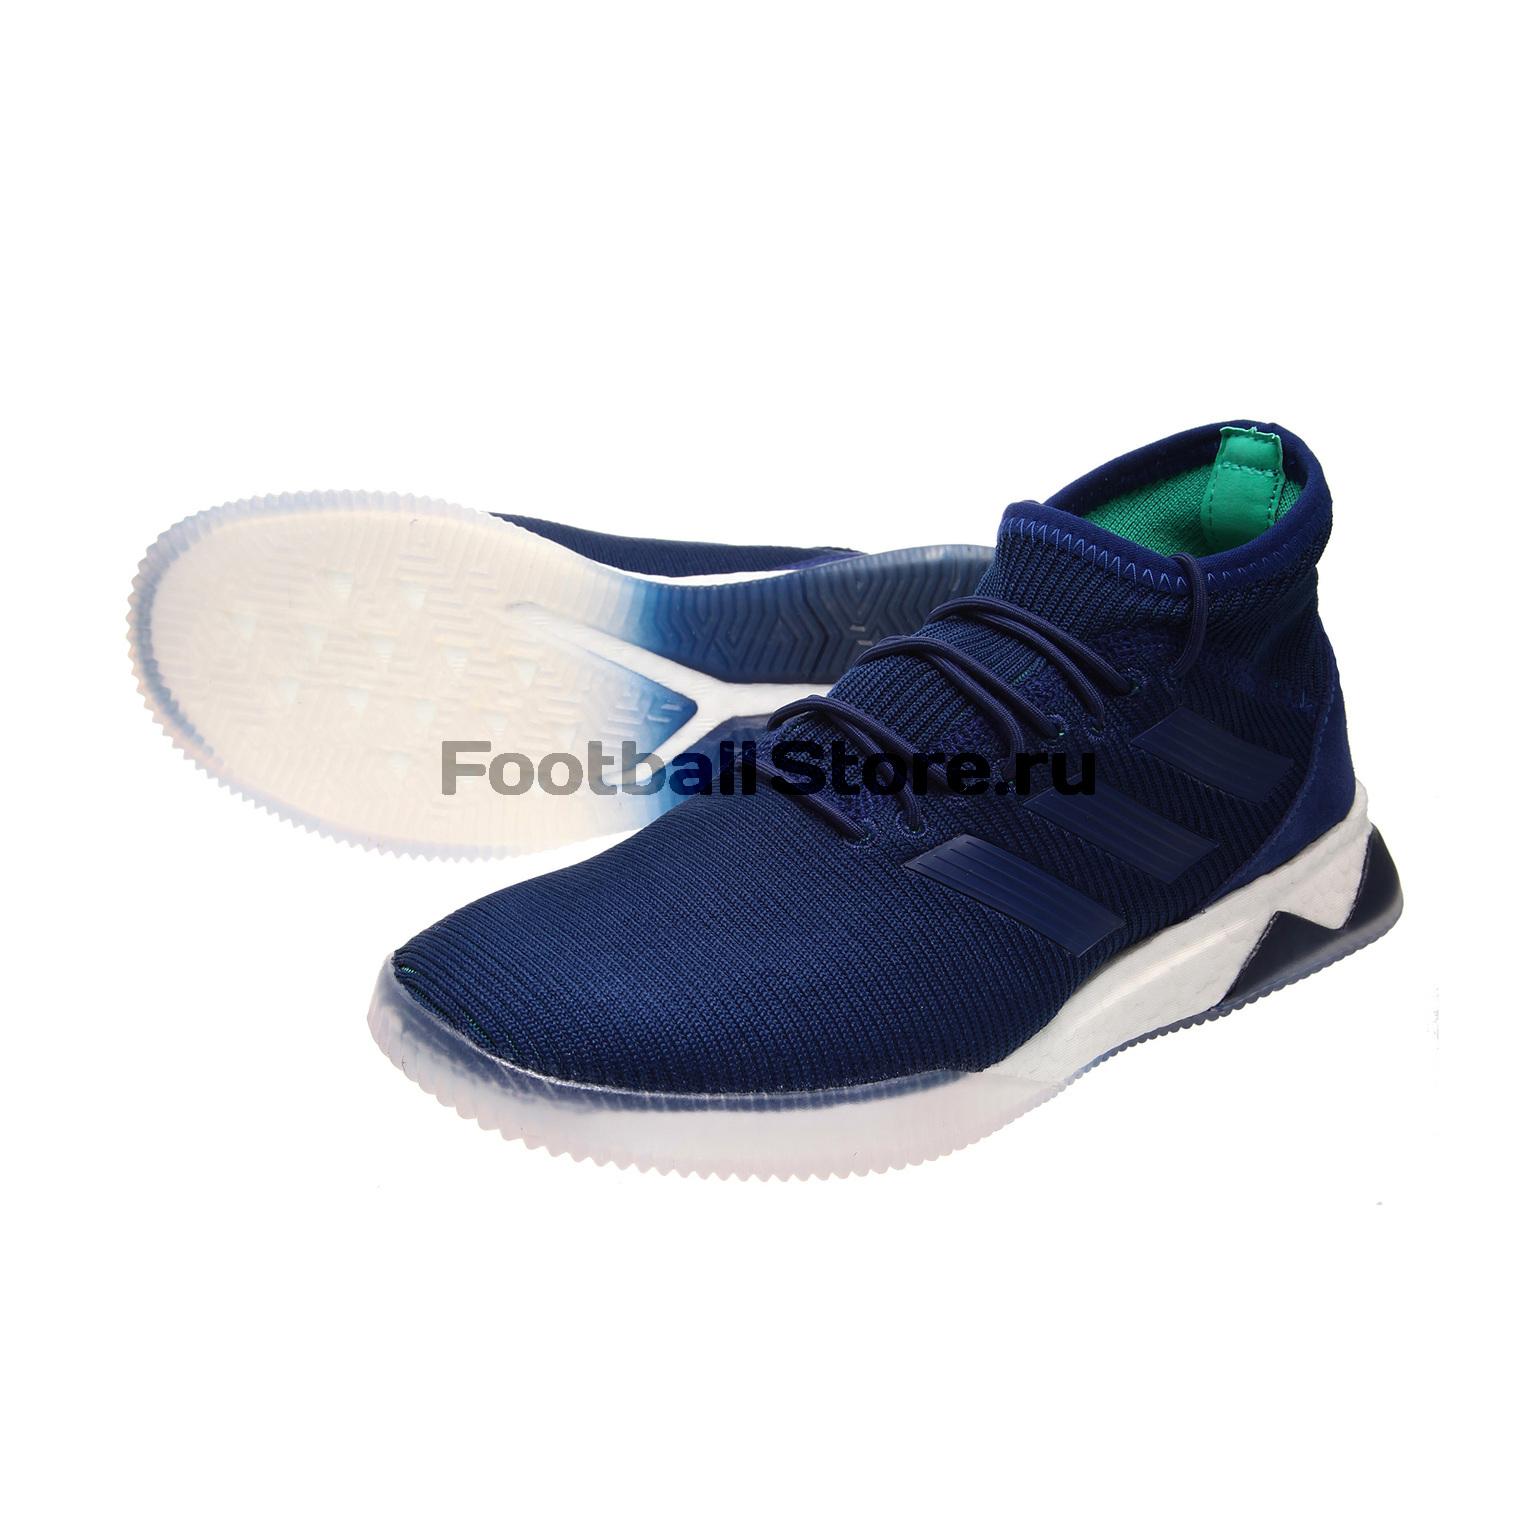 Футбольная обувь Adidas Predator Tango 18.1 TR CP9270